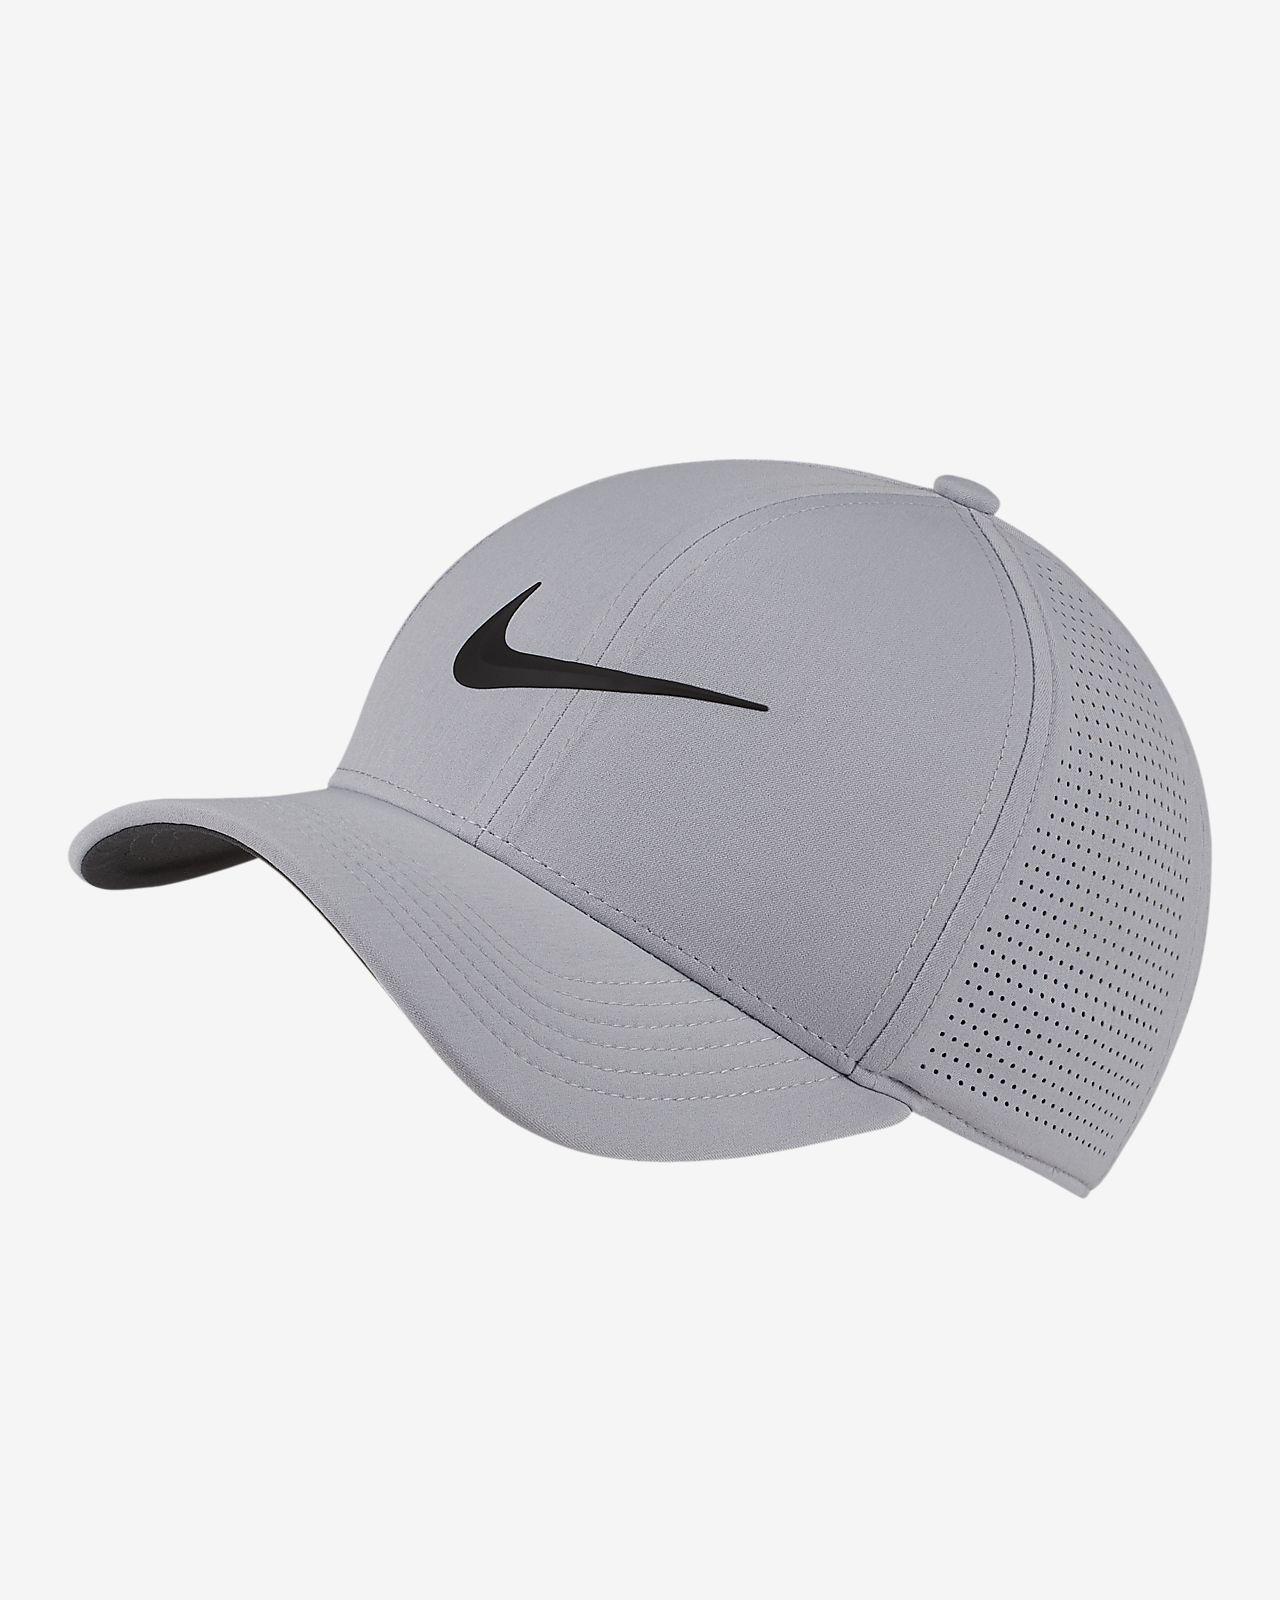 076872e528 Cappello da golf aderente Nike AeroBill Classic 99. Nike.com IT